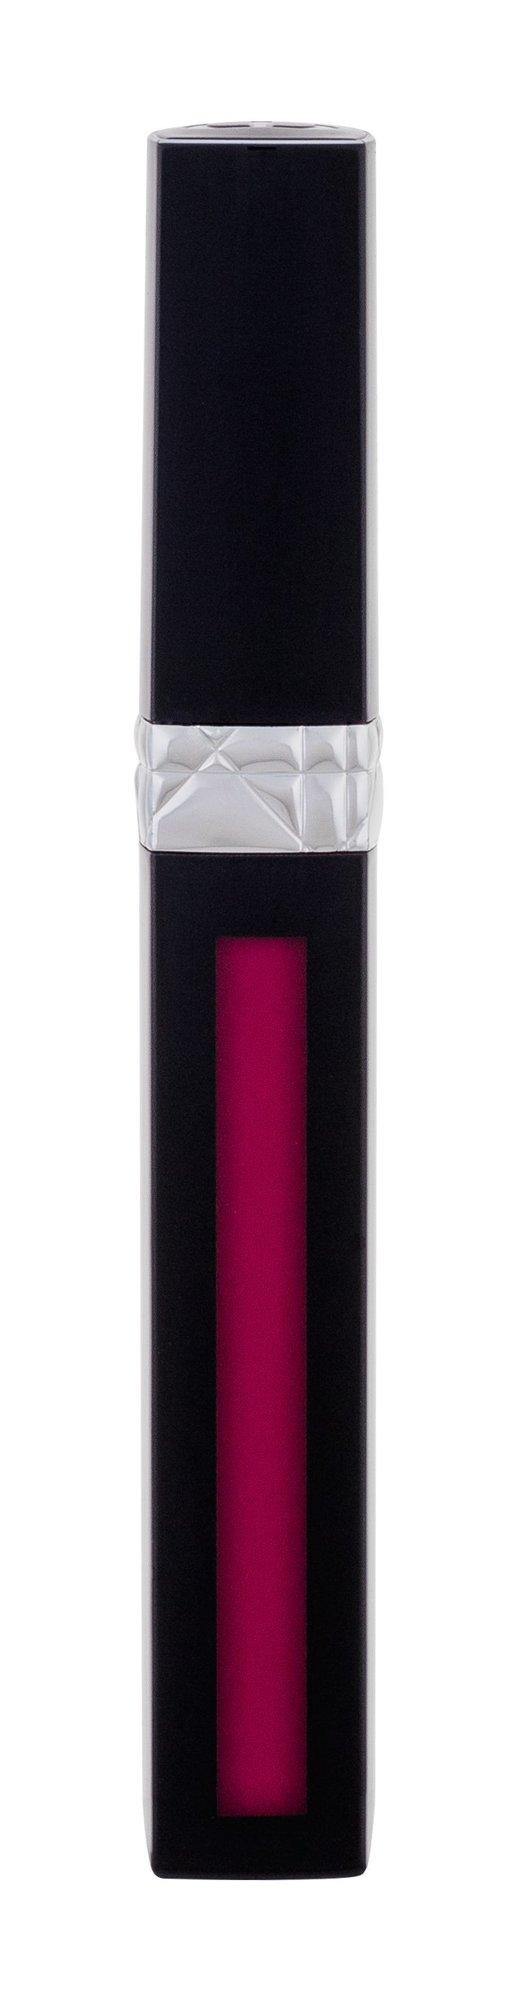 Christian Dior Rouge Dior Lipstick 6ml 797 Savage Matte Liquid Matte